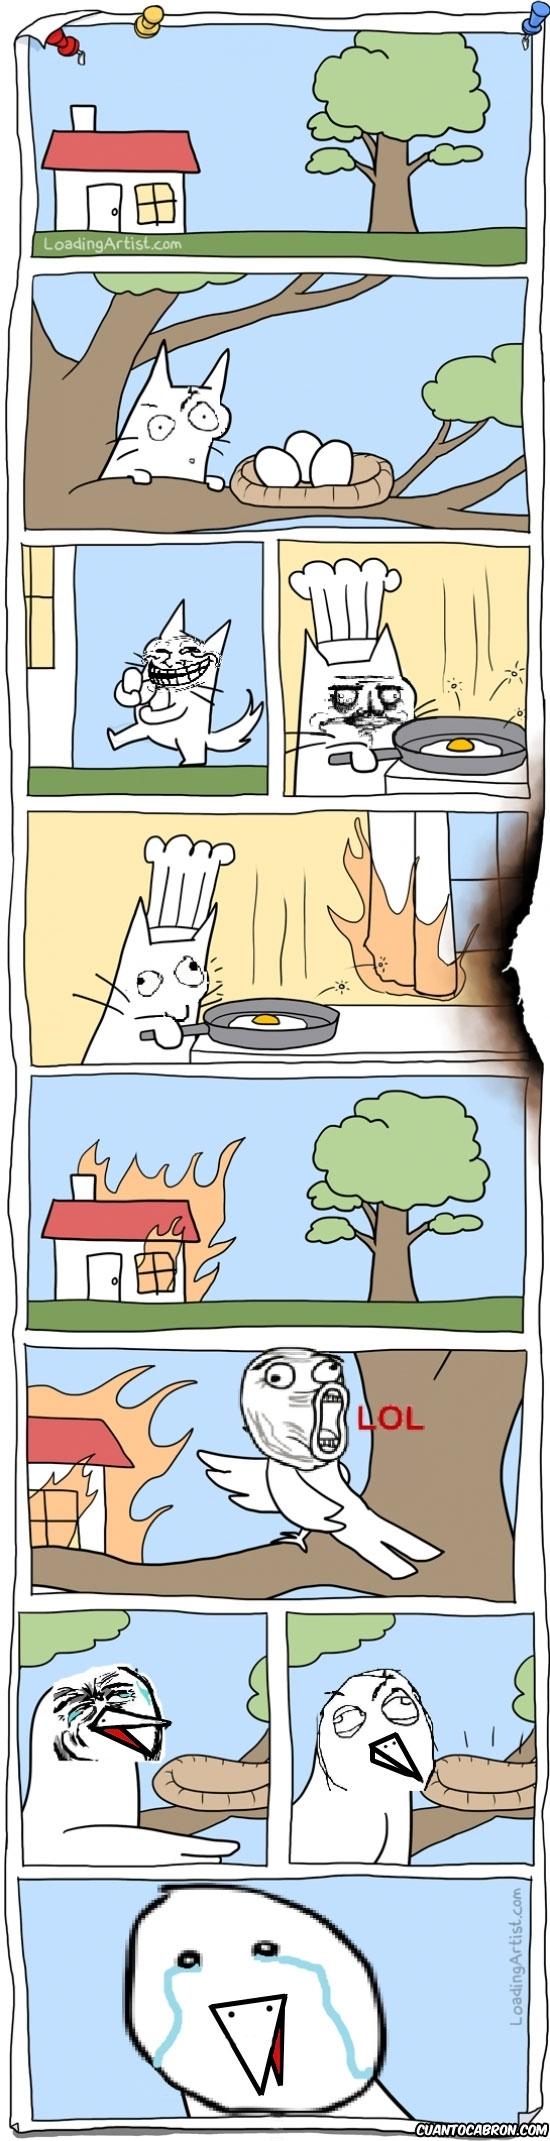 casa,gato,huevos,incendio,karma,Me gusta,pajaro,Poker Face,Trollface